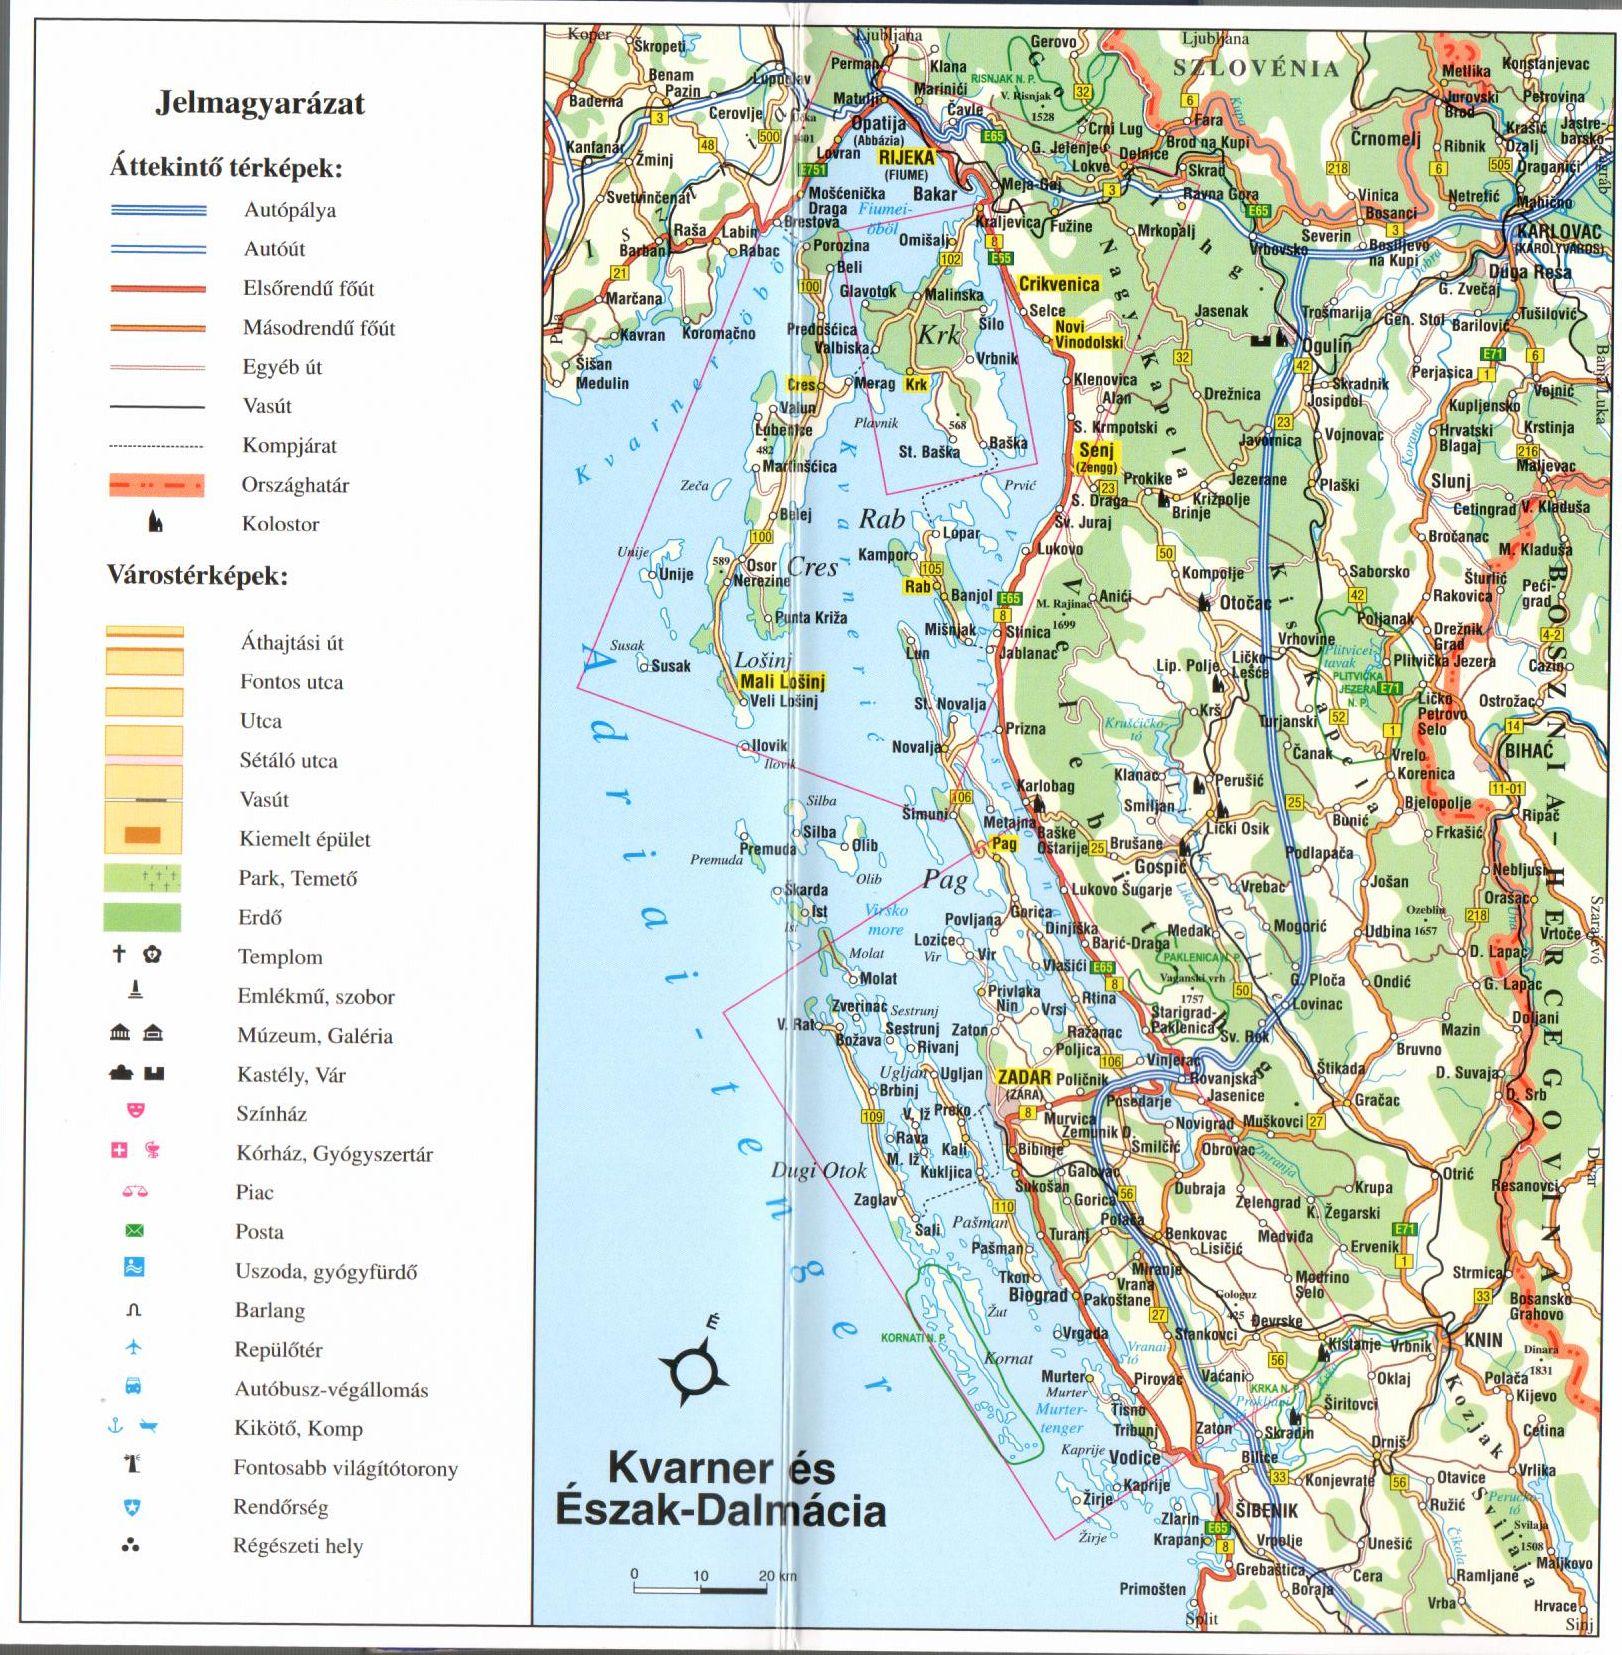 Kvarner-öböl/É-Dalmácia áttekintő térkép